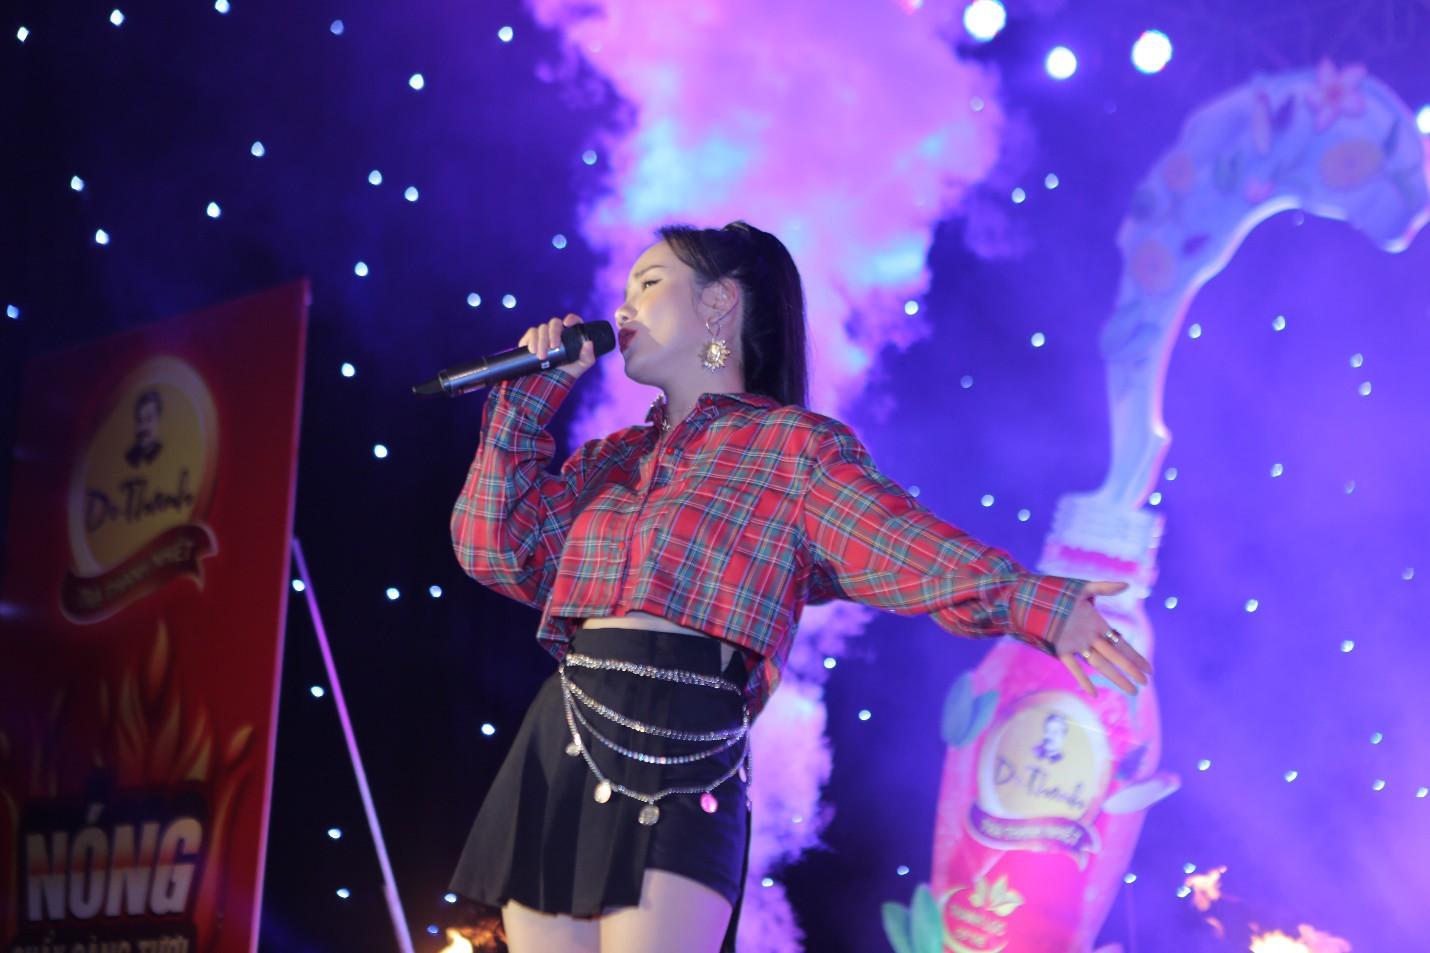 Giới trẻ Hà Nội mãn nhãn với đêm đại nhạc hội khai màn Phố Hàng Nóng - Ảnh 4.